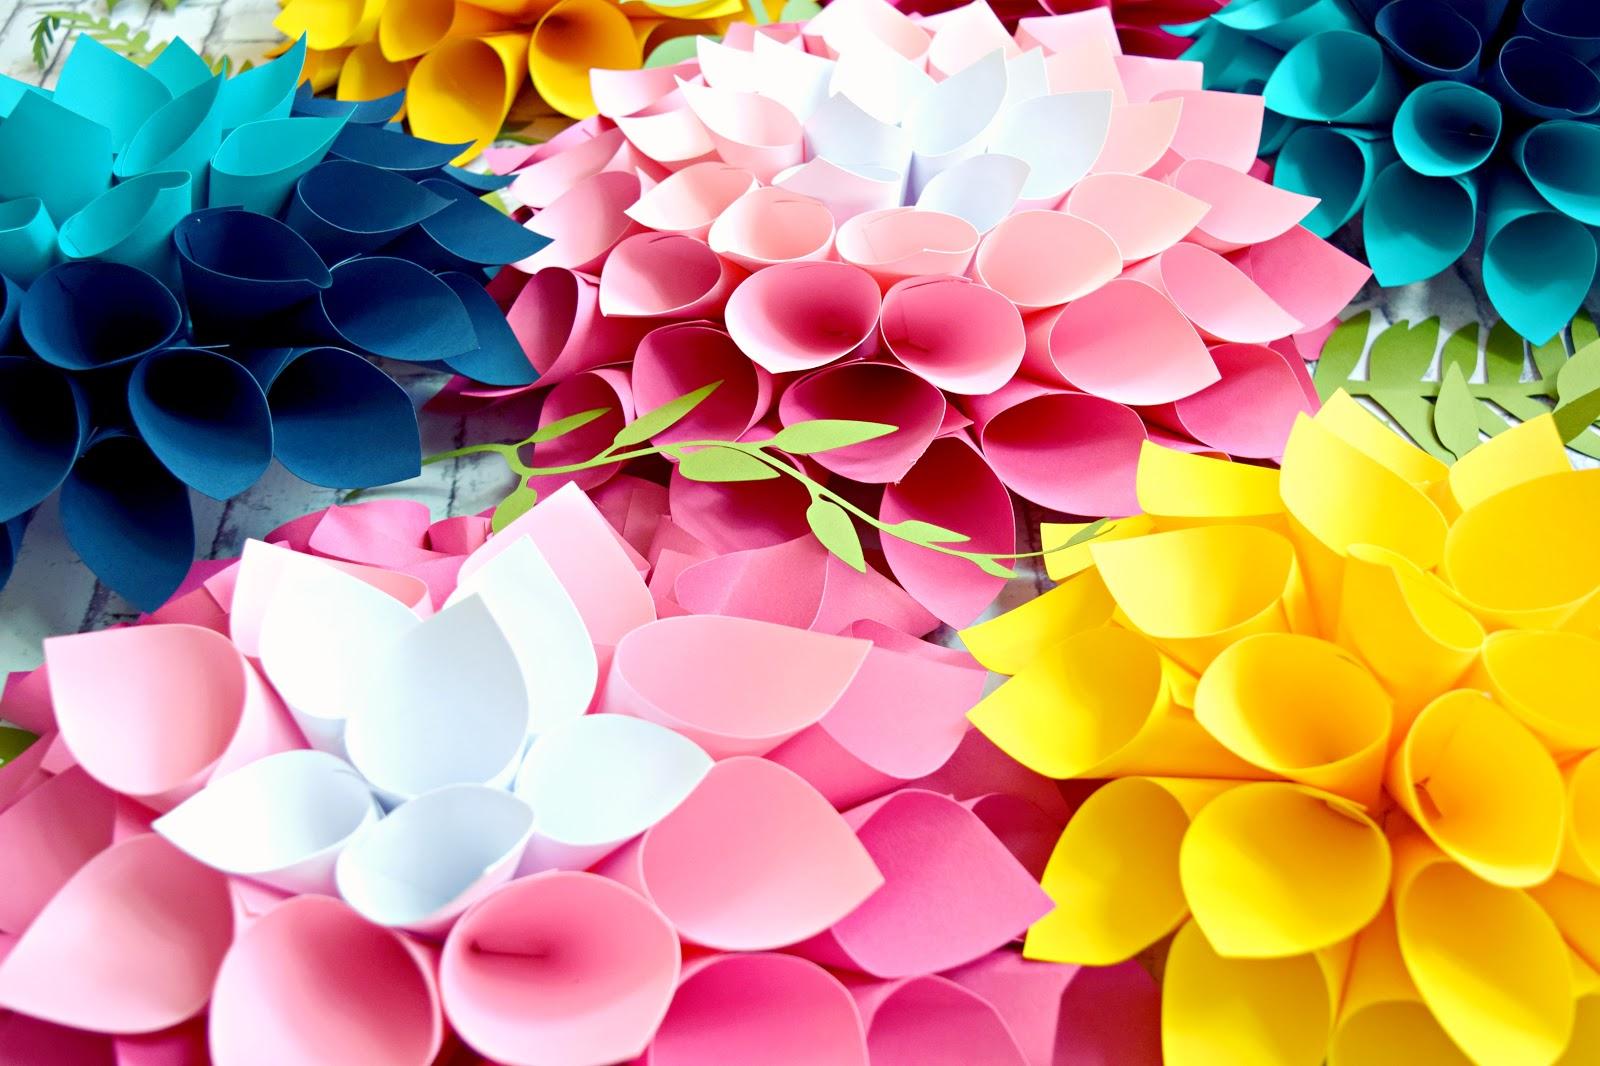 diy giant dahlia paper flowers  how to make large paper dahlias